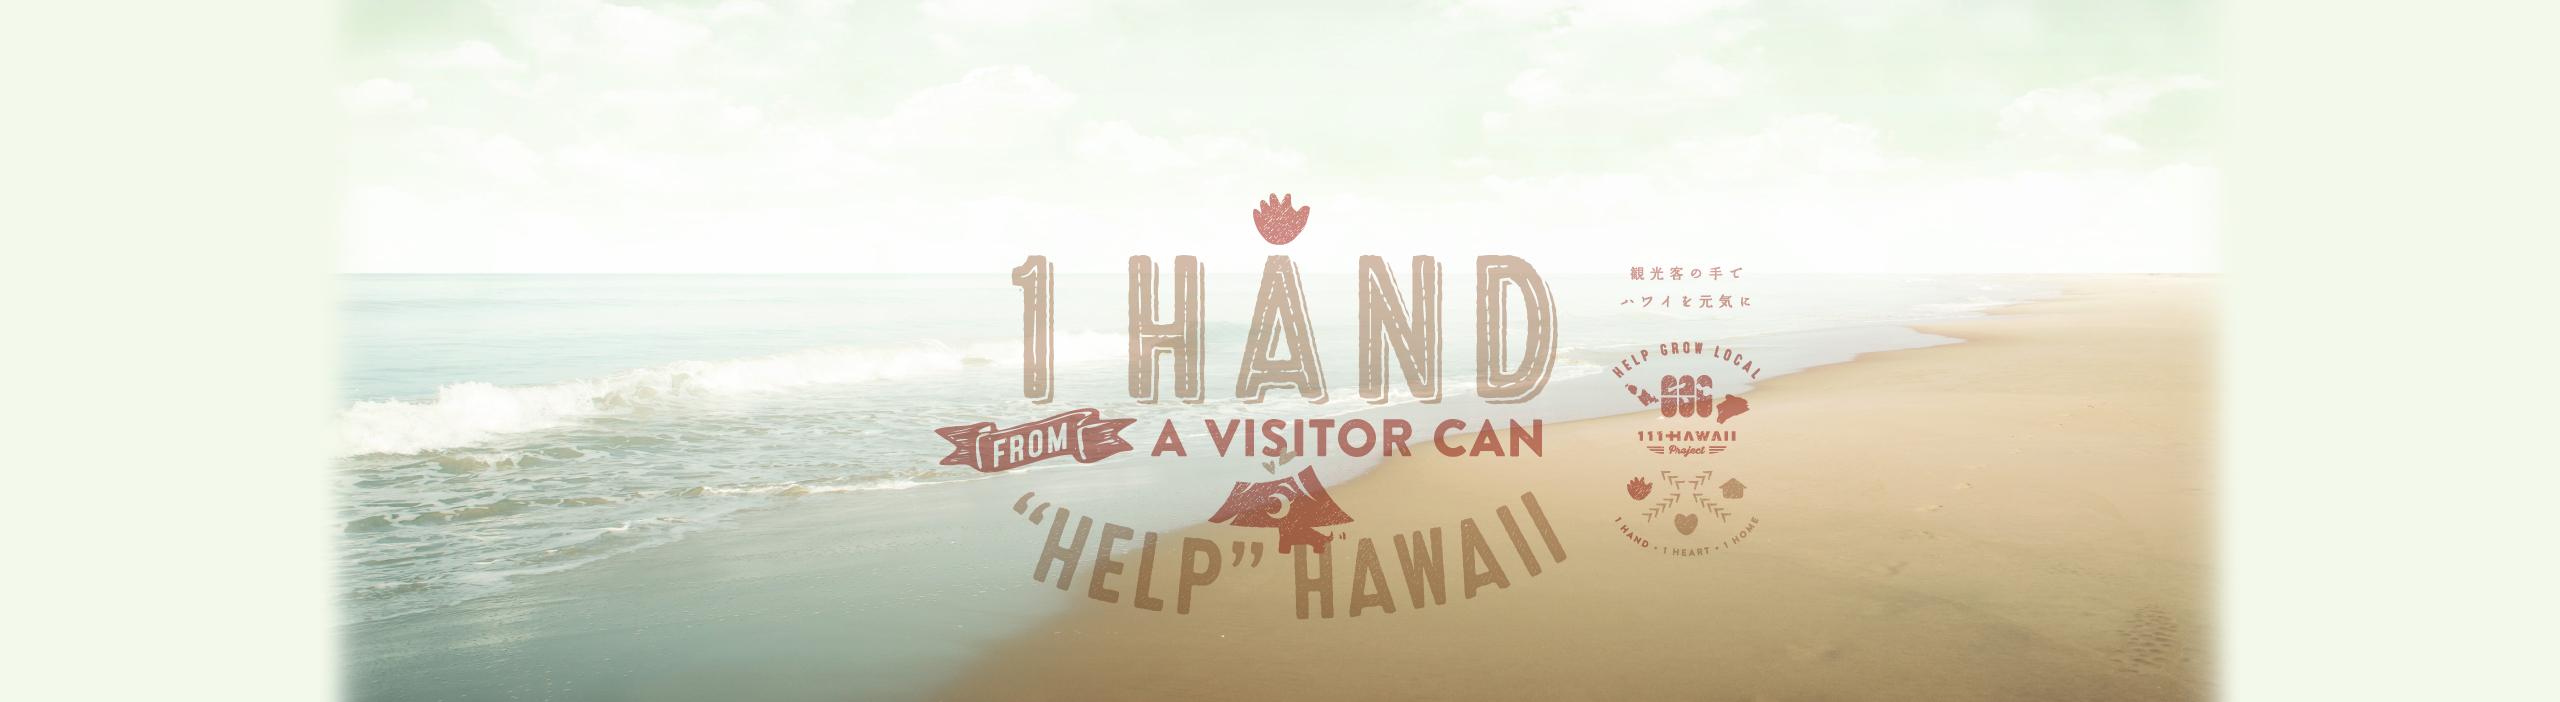 お土産を買って観光客の手でハワイを元気に